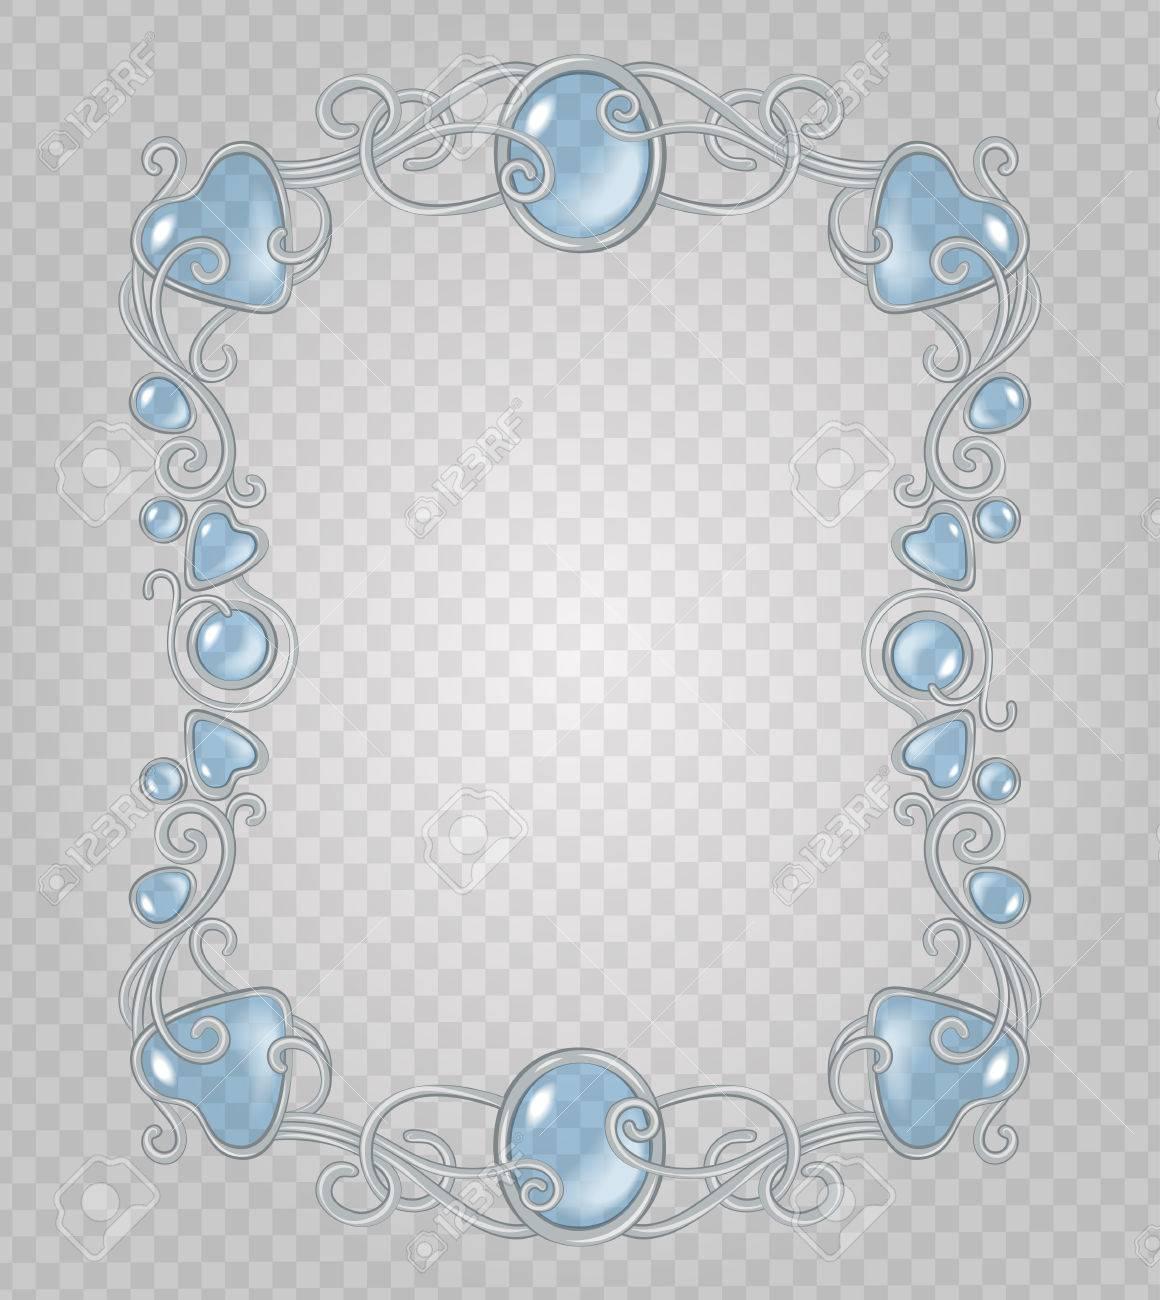 Vector De Cristal Transparente Y Gemas Estructura Metálica Decorativa Sobre Fondo Gris Demostrativa Rejilla Transparente Plata Viñeta De Luz